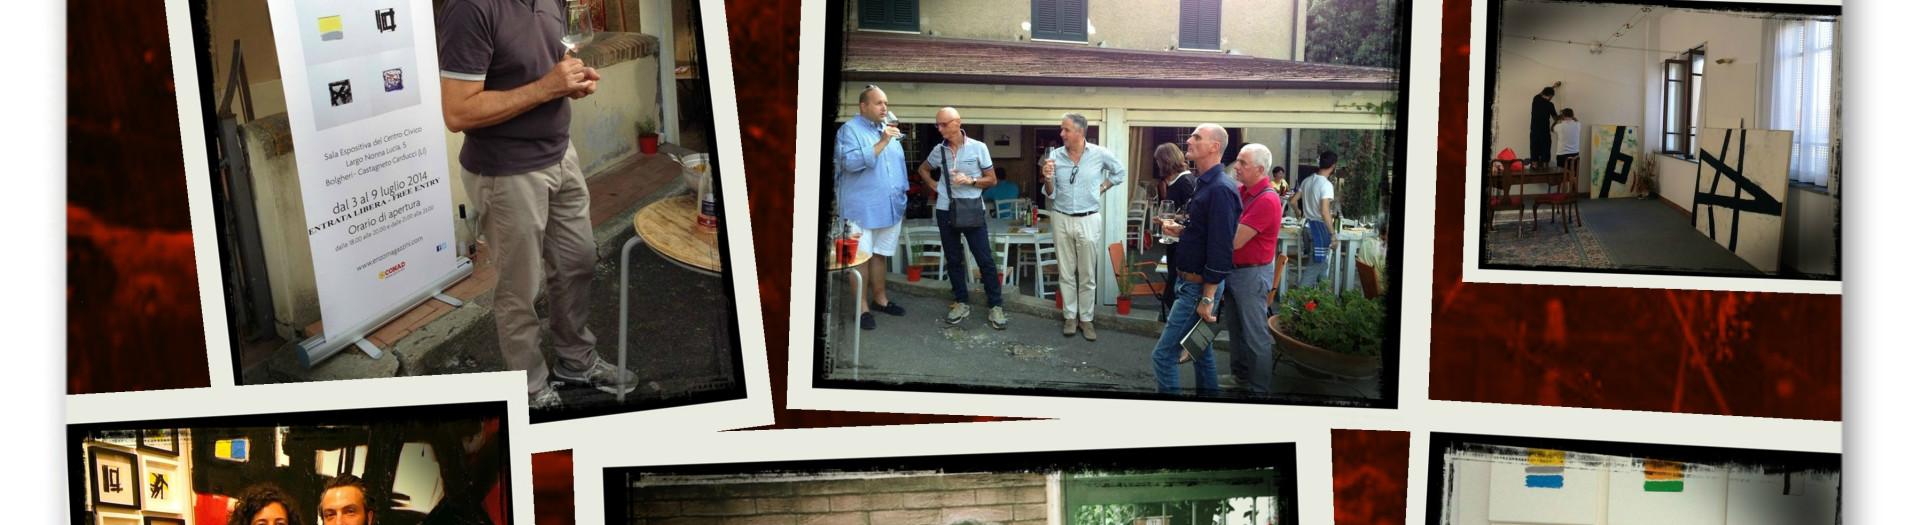 Rappresentazione e Narrazione, Bolgheri, luglio 2014